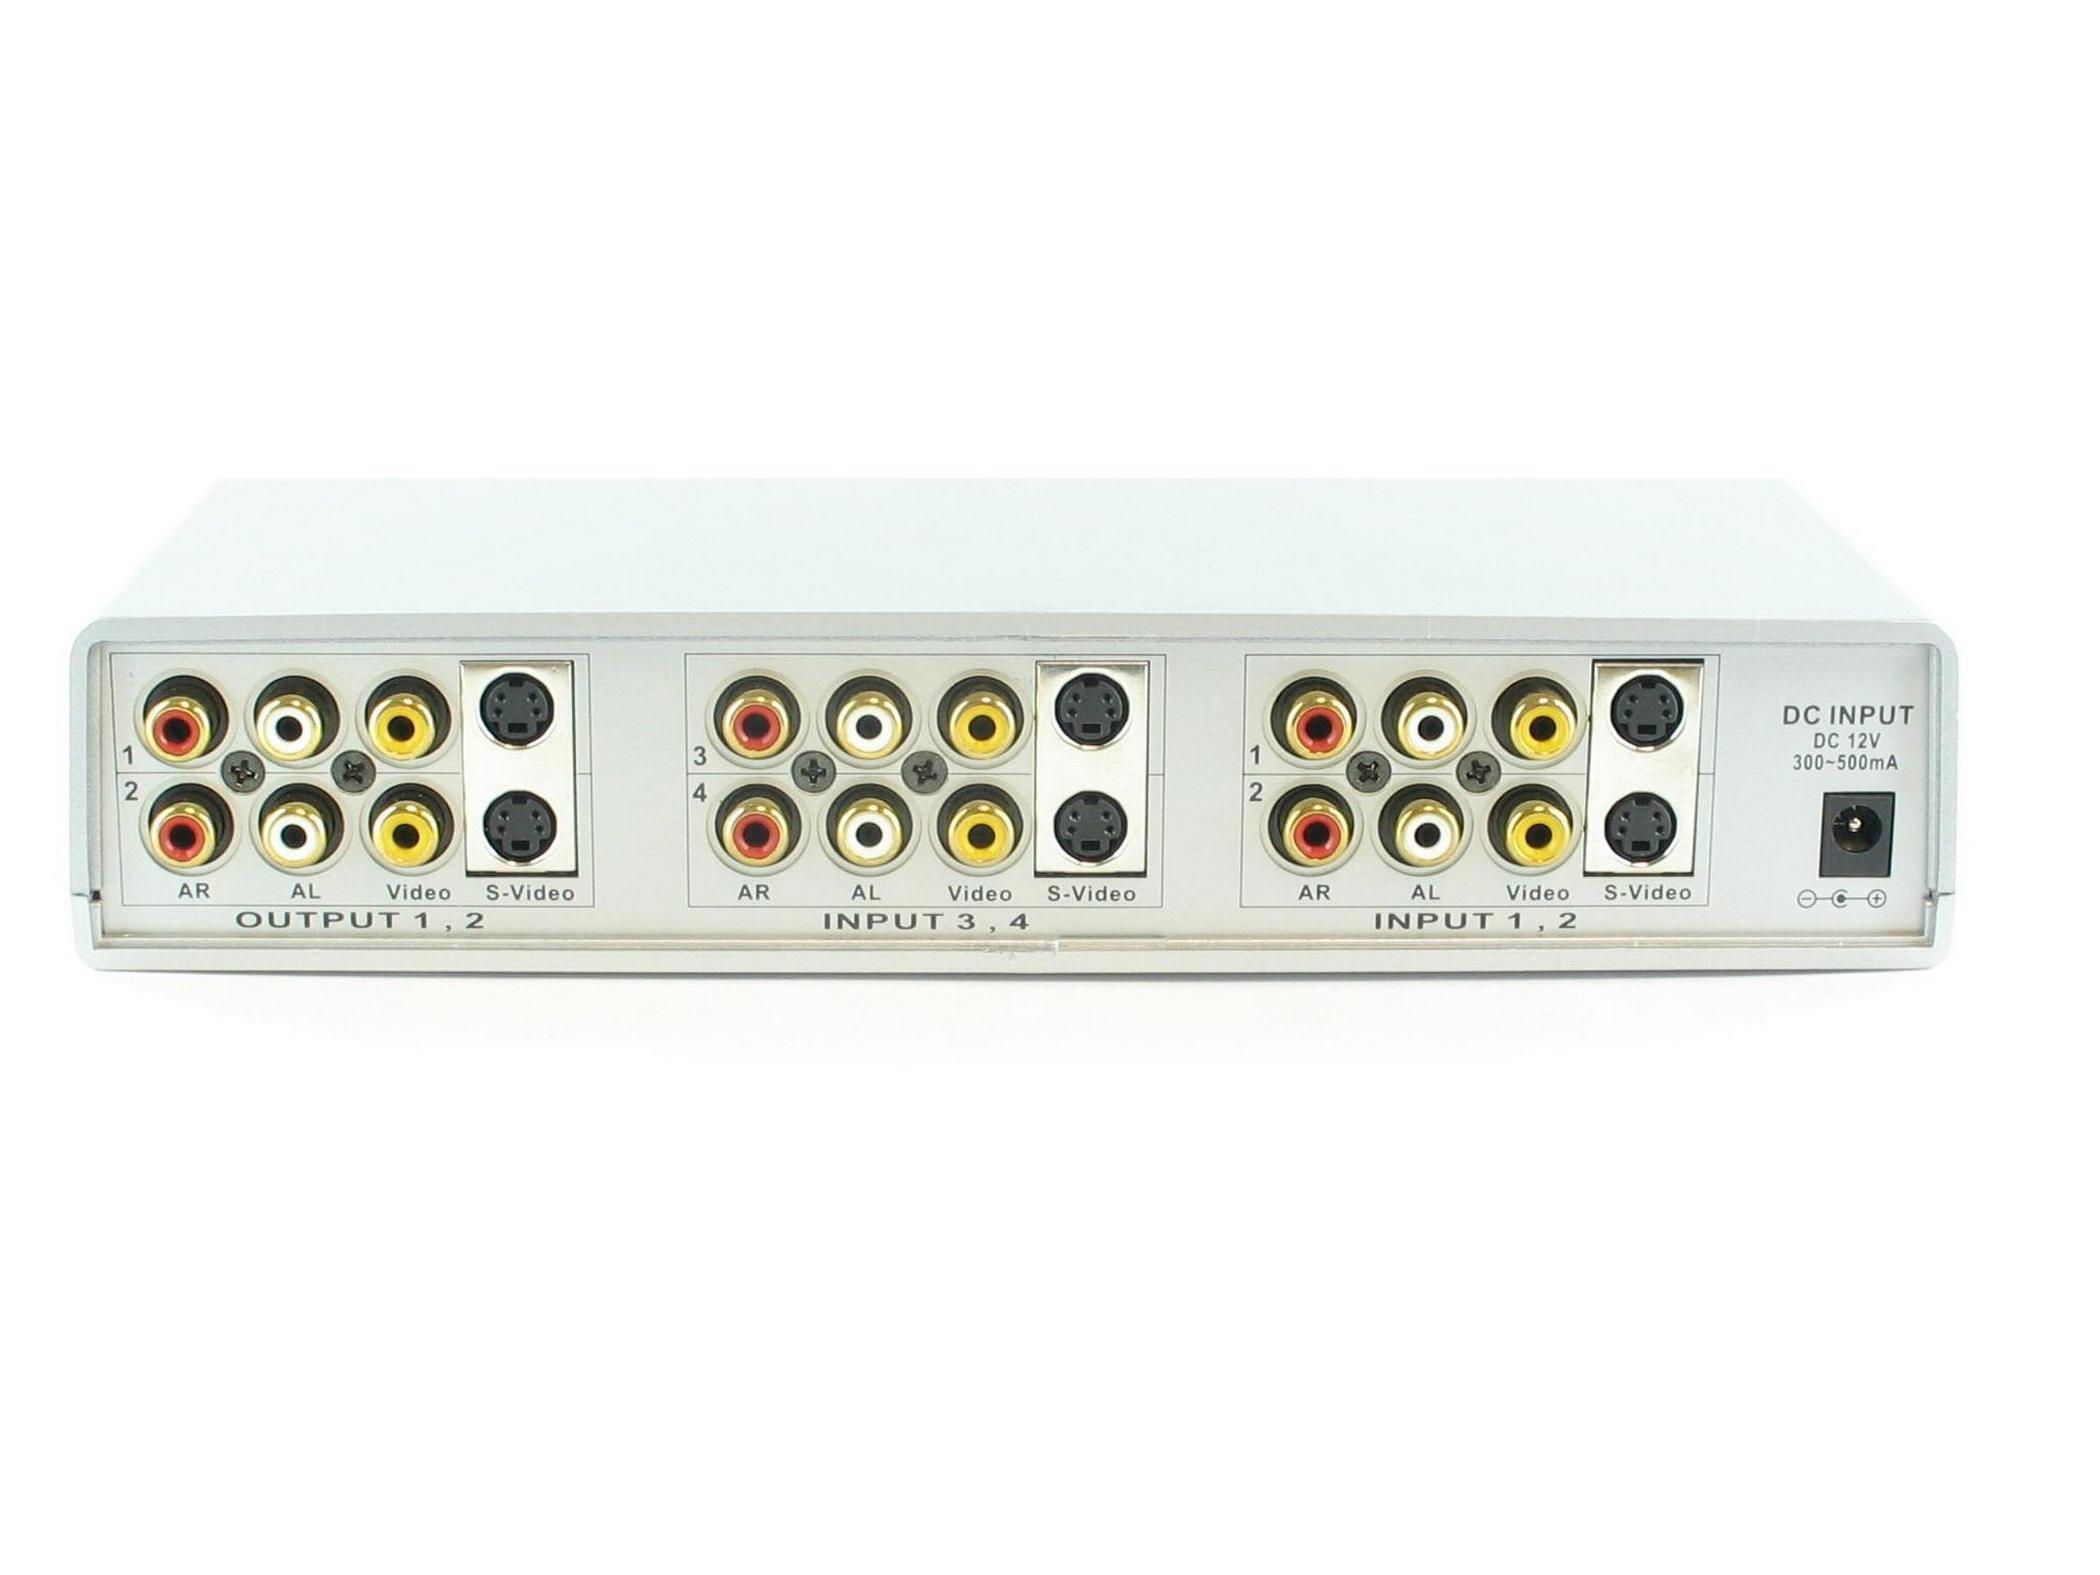 SB-5450 4x2 S-Video Matrix Switch by Shinybow